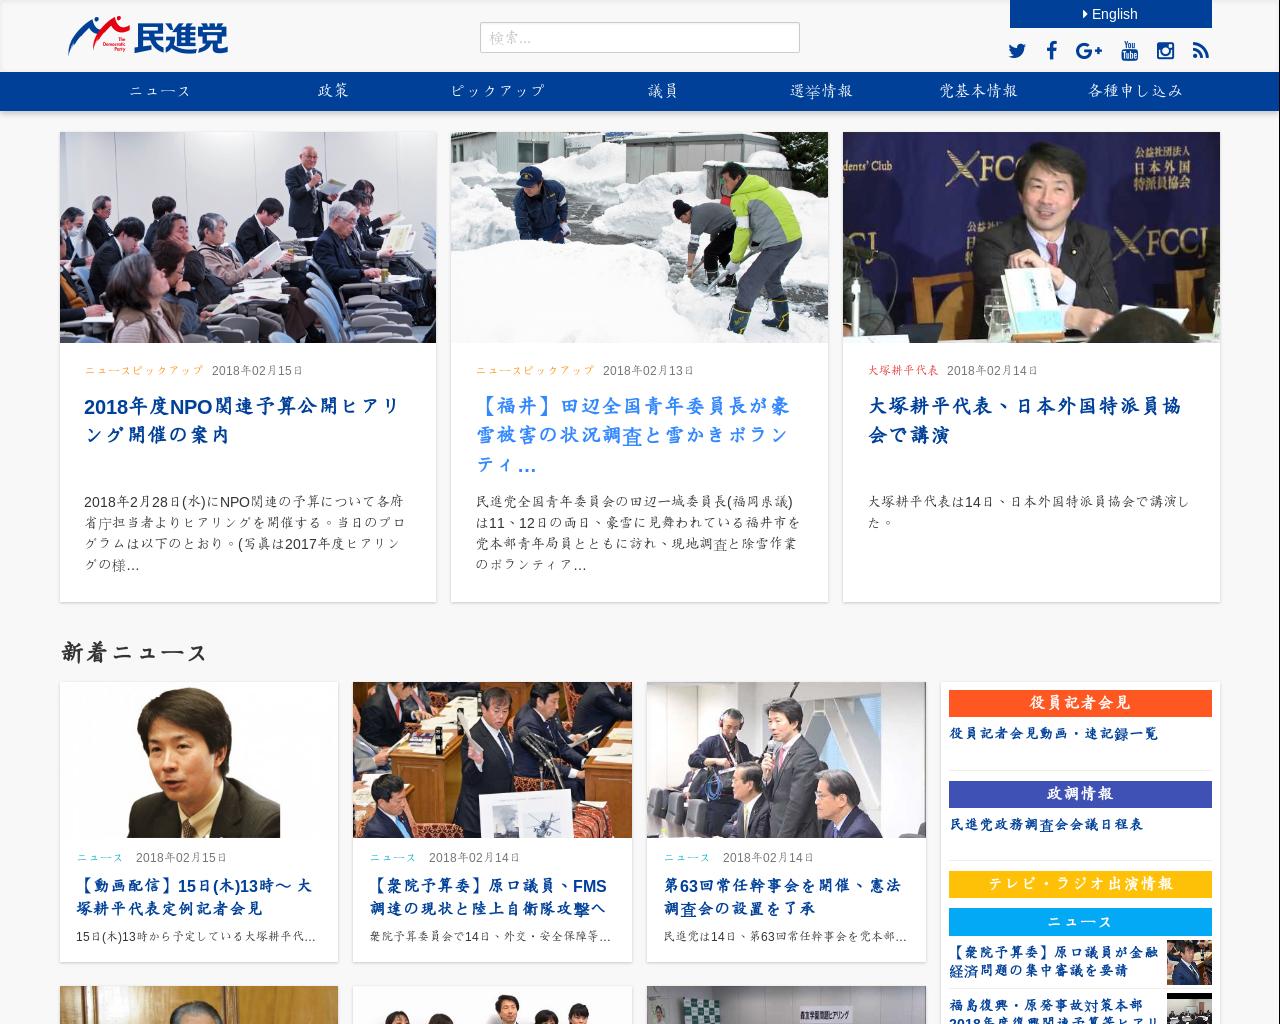 www.minshin.or.jp(2018/02/15 14:00:41)